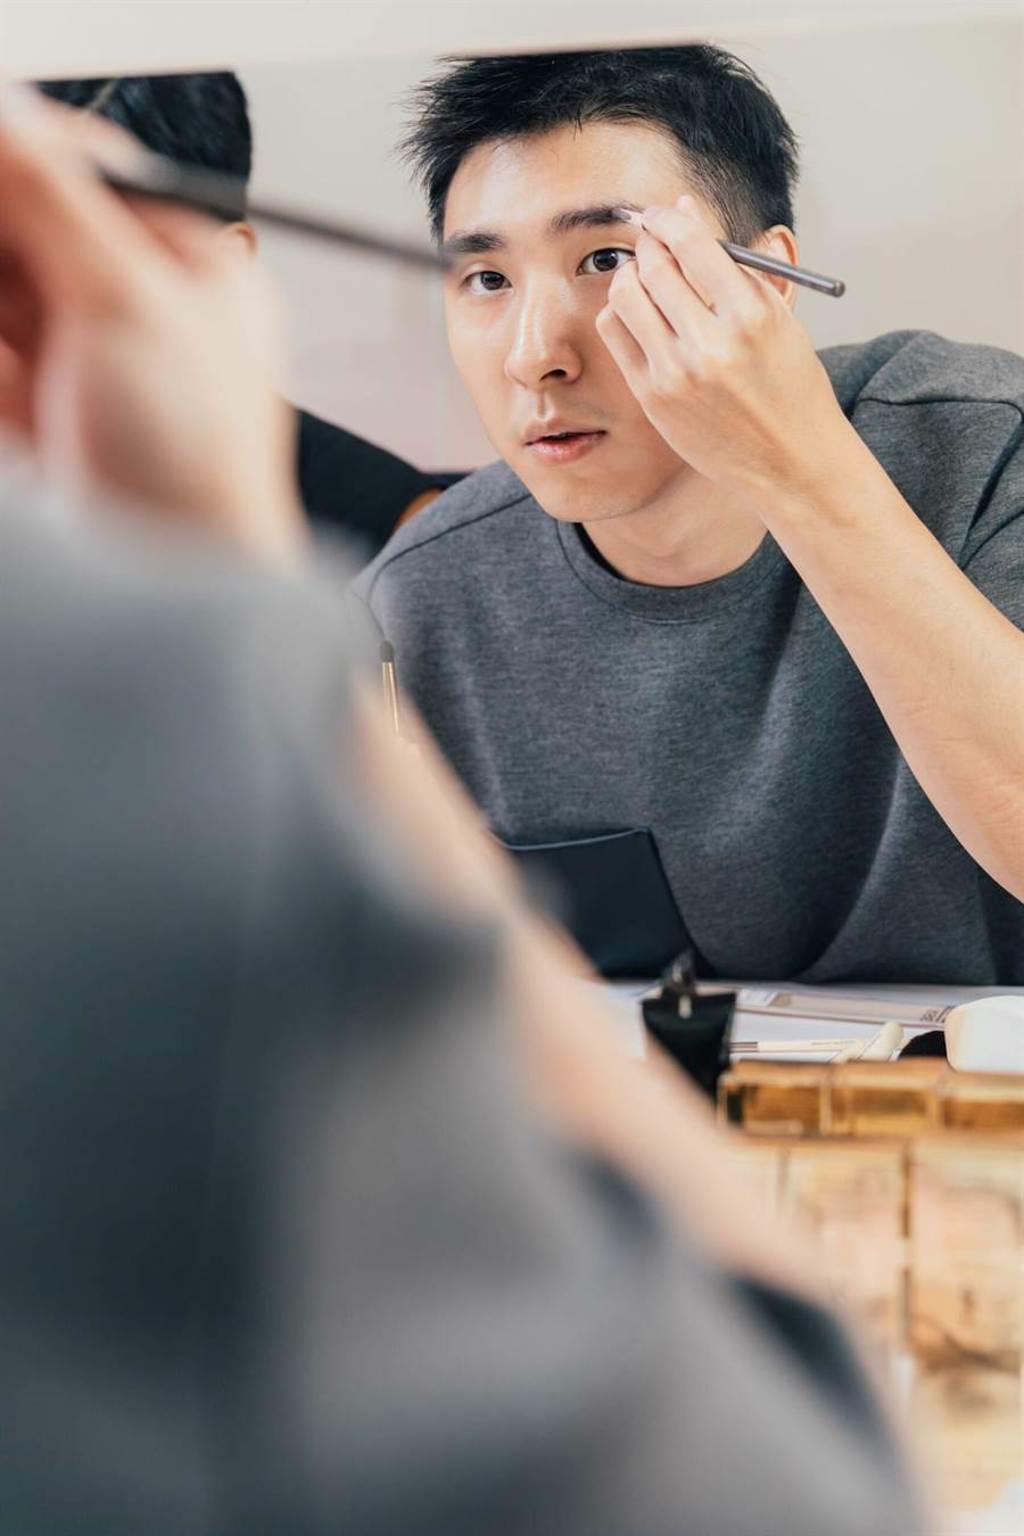 胡釋安皮膚好,被讚是個被演員耽誤的化妝師。(藝和創藝提供)